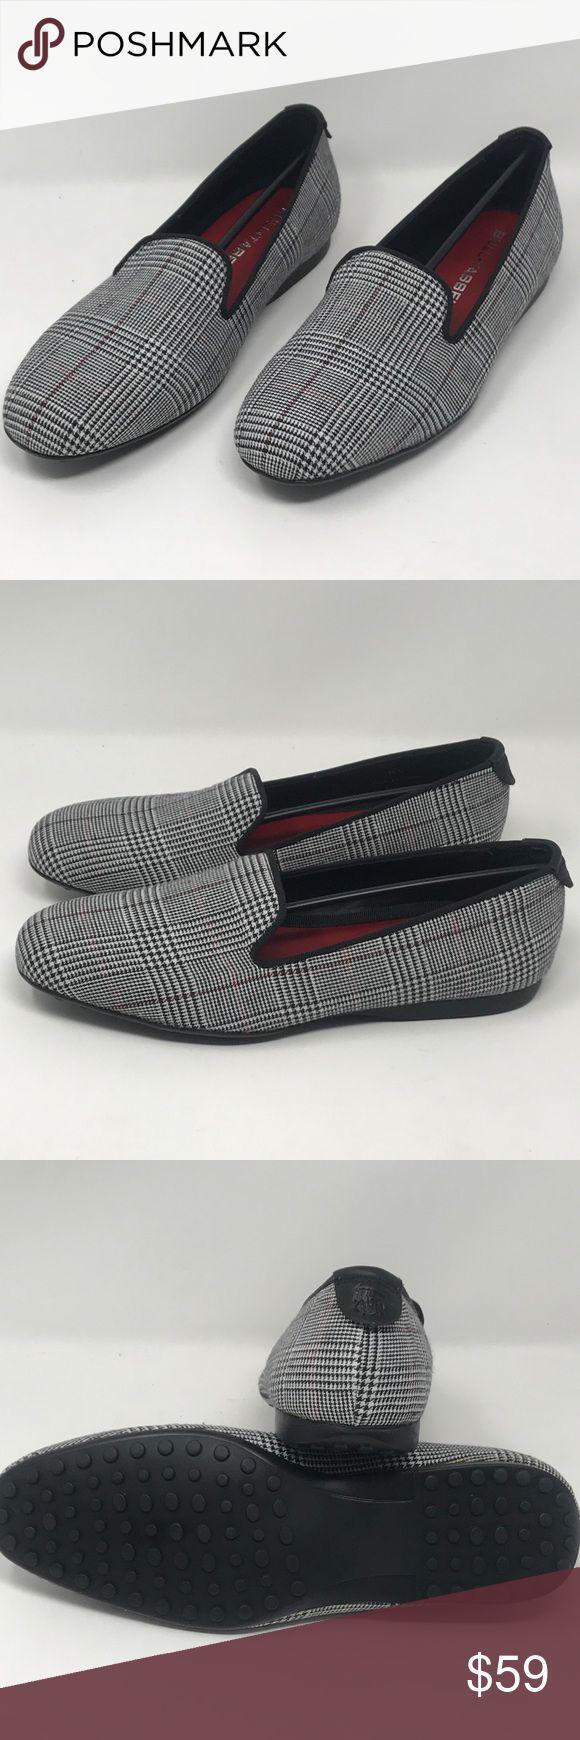 BULL + TASSEL Men's Glen Casual Shoes Loafer BULL + TASSEL Men's Glen Casual Shoes Loafer Slip On Houndstooth Size 8 thru 13, New in box Bull + Tassel Shoes Loafers & Slip-Ons